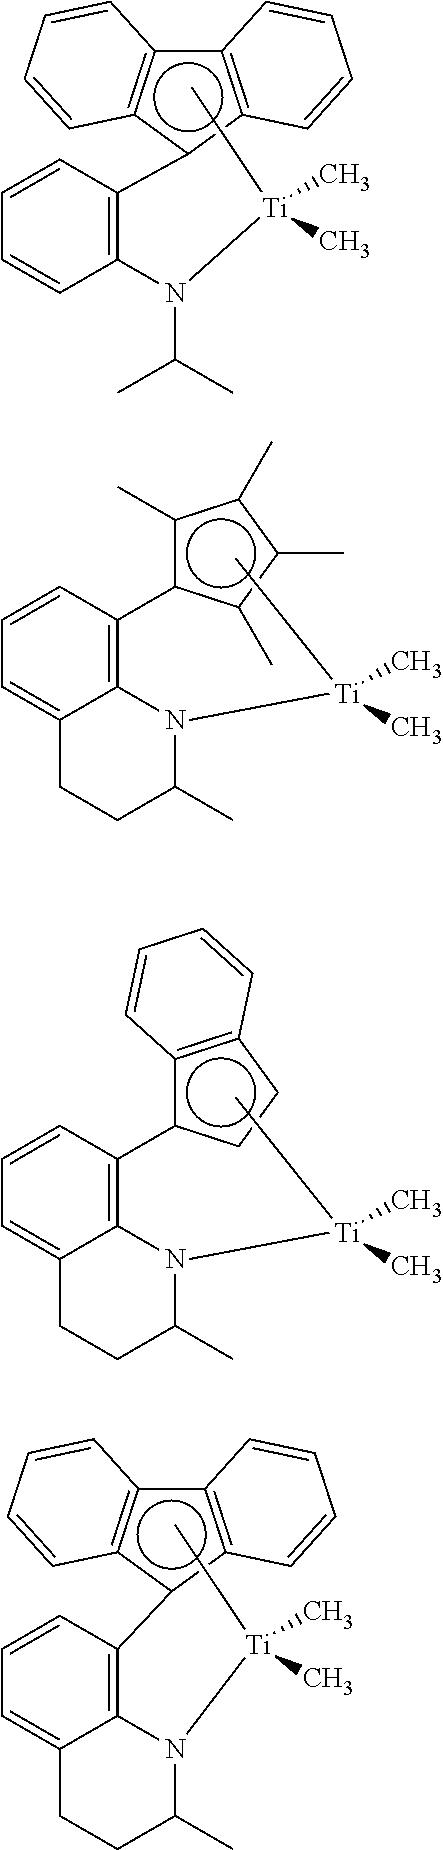 Figure US09120836-20150901-C00034